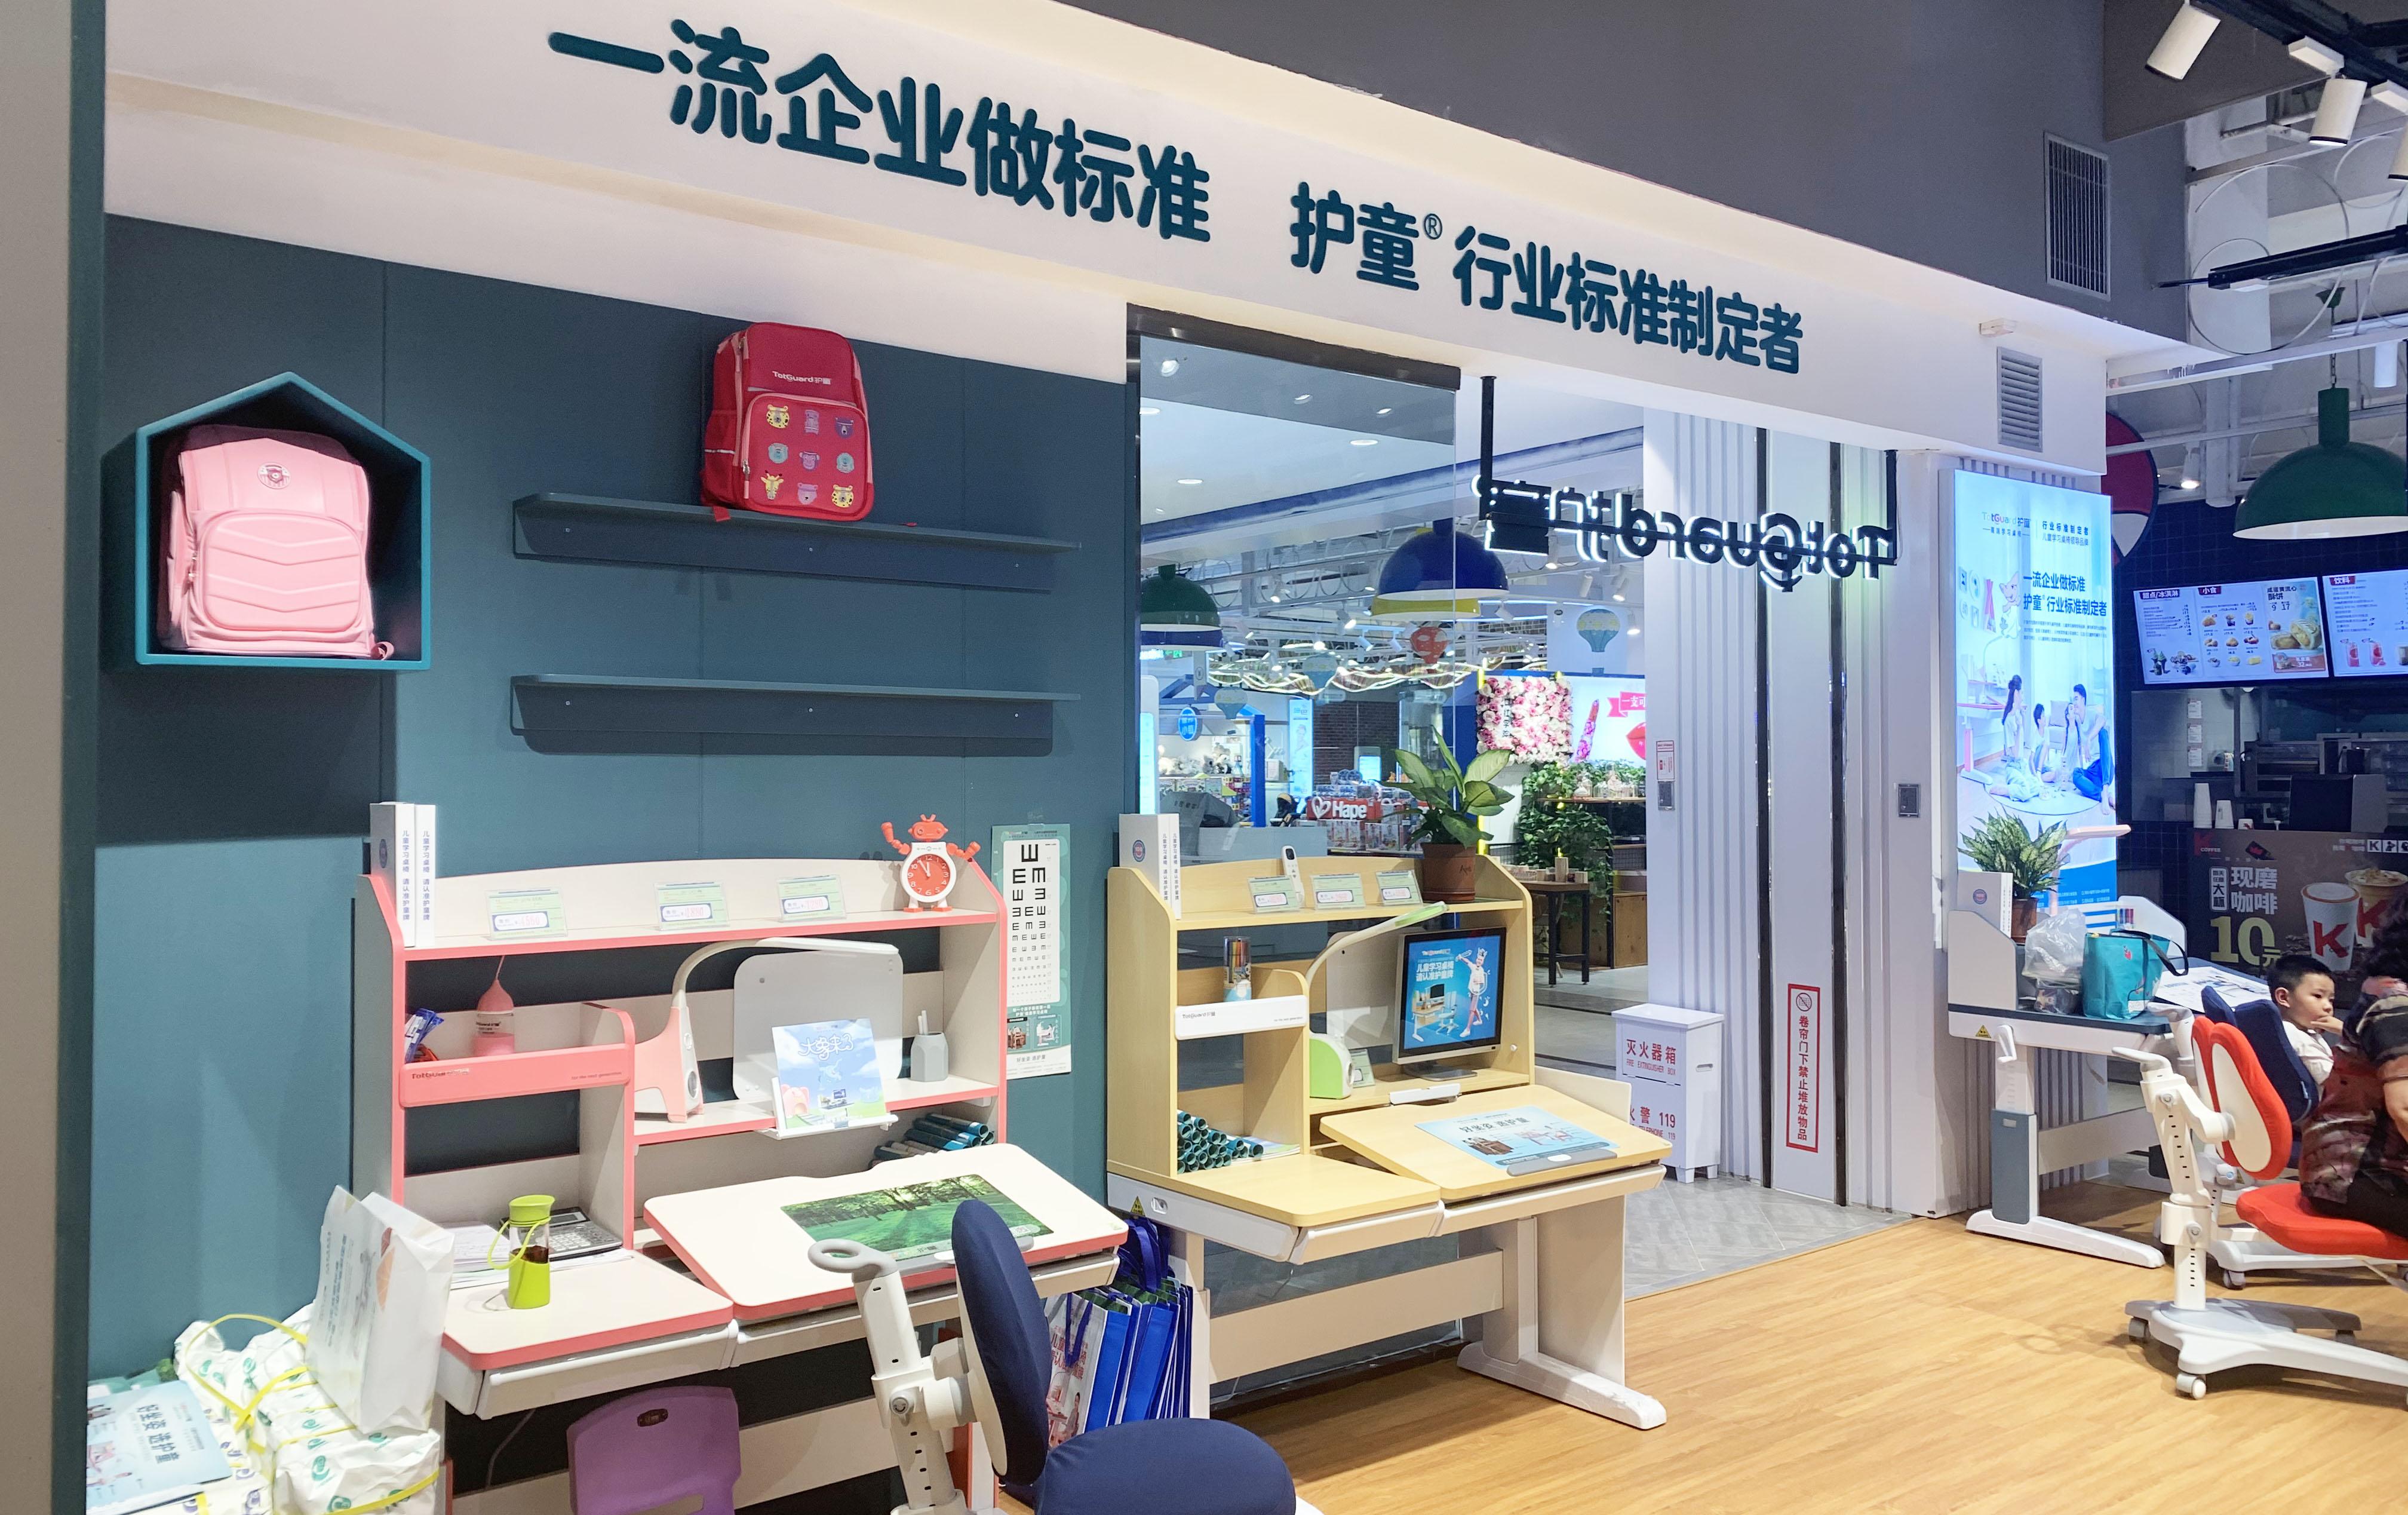 热烈祝贺护童第2066家兰州国芳G9购物广场护童专柜盛大开业!